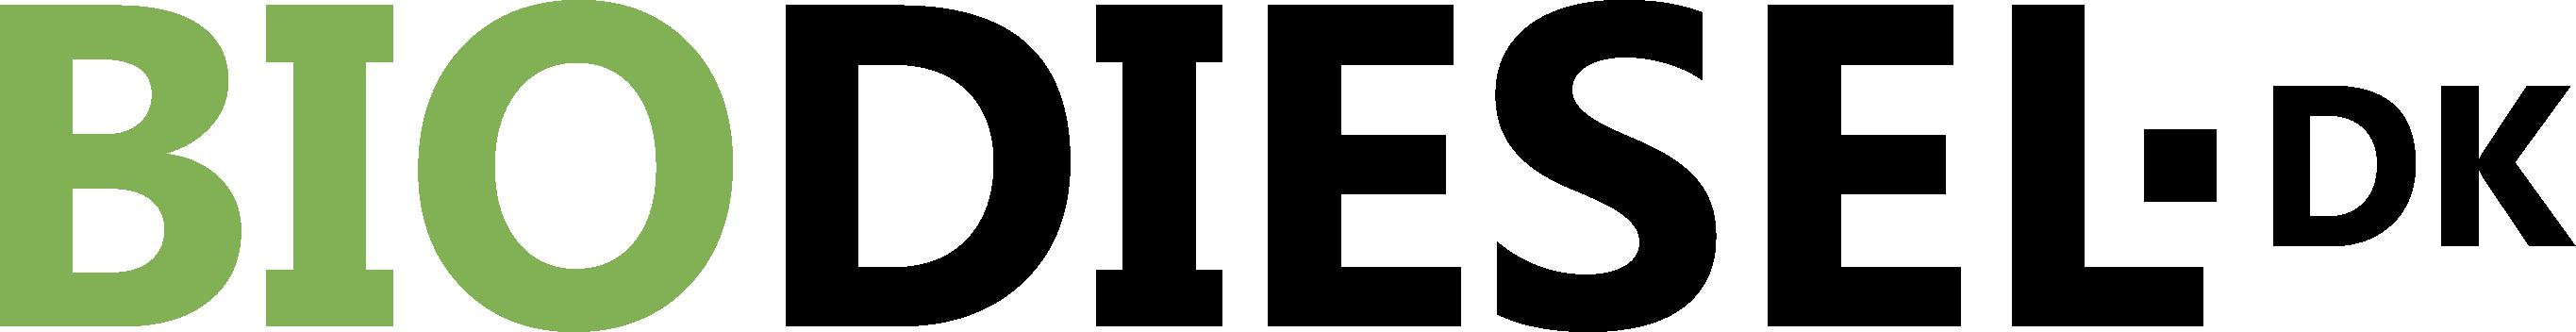 Biodiesel.dk